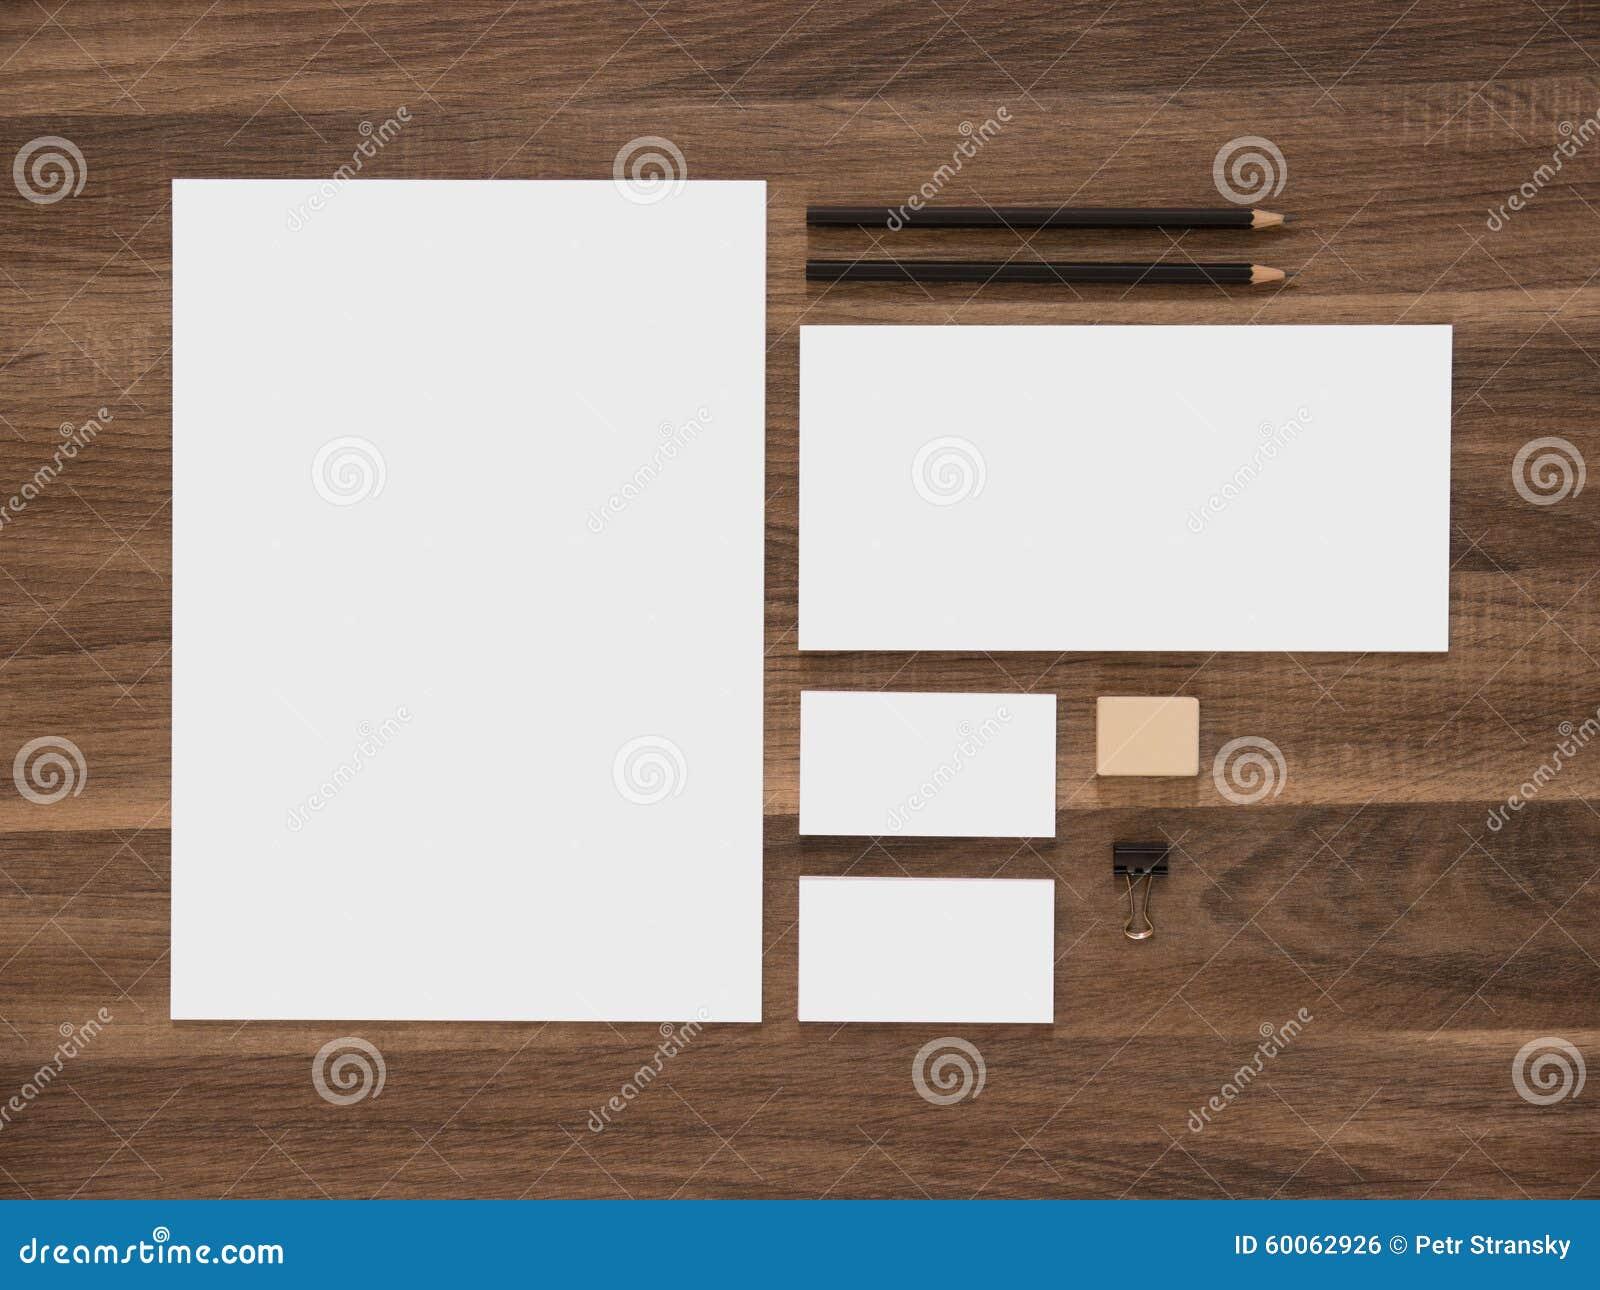 Briefkopf Umschlag Und Leere Visitenkarten An Stockfoto Bild Von